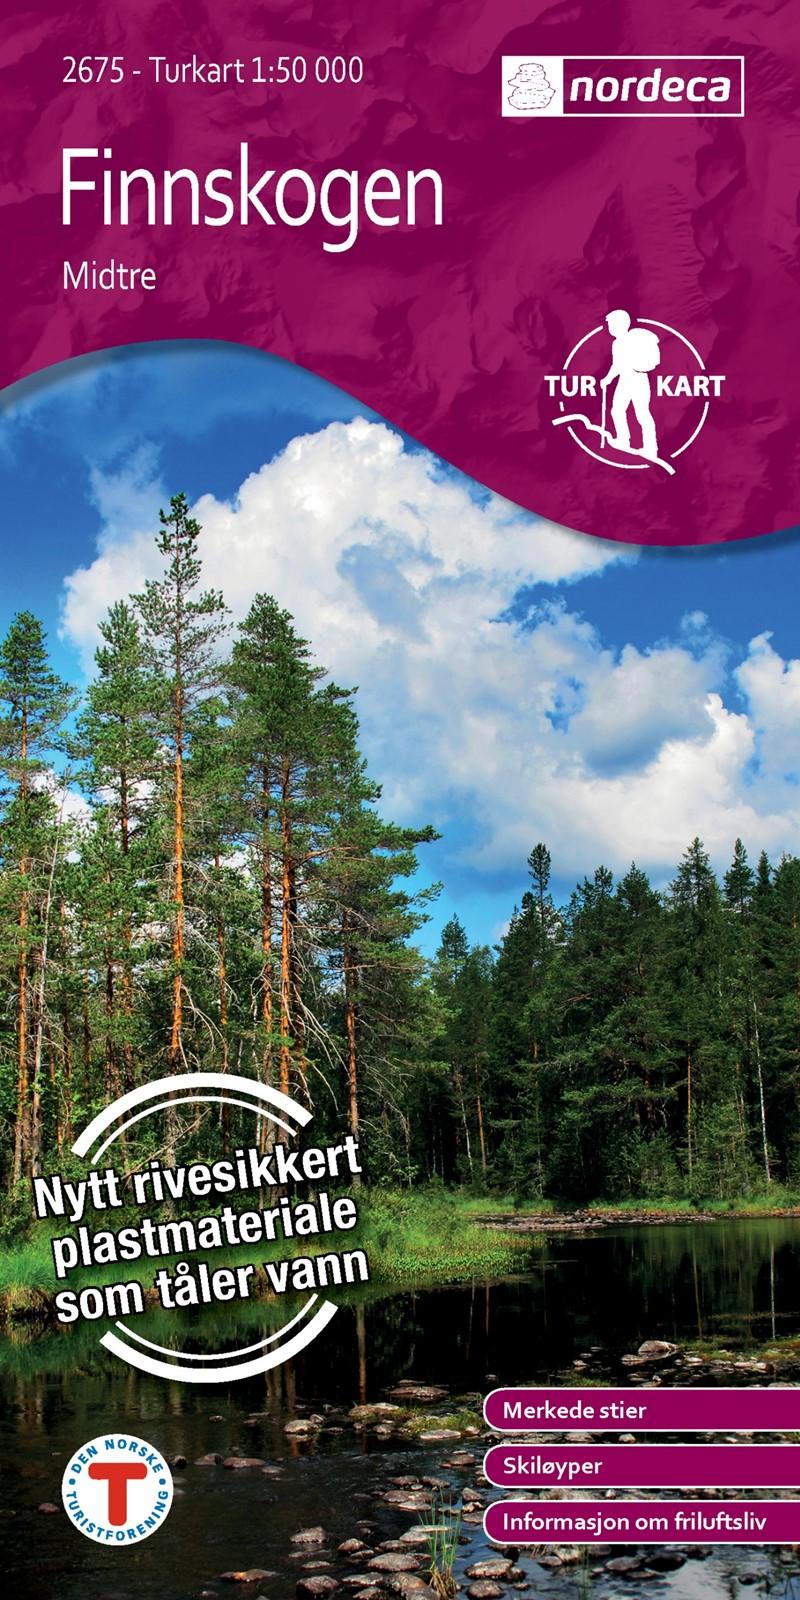 UG-2675  Finnskogen Midtre   topografische wandelkaart 1:50.000 7046660026755  Nordeca / Ugland Turkart Norge 1:50.000  Wandelkaarten Midden-Noorwegen